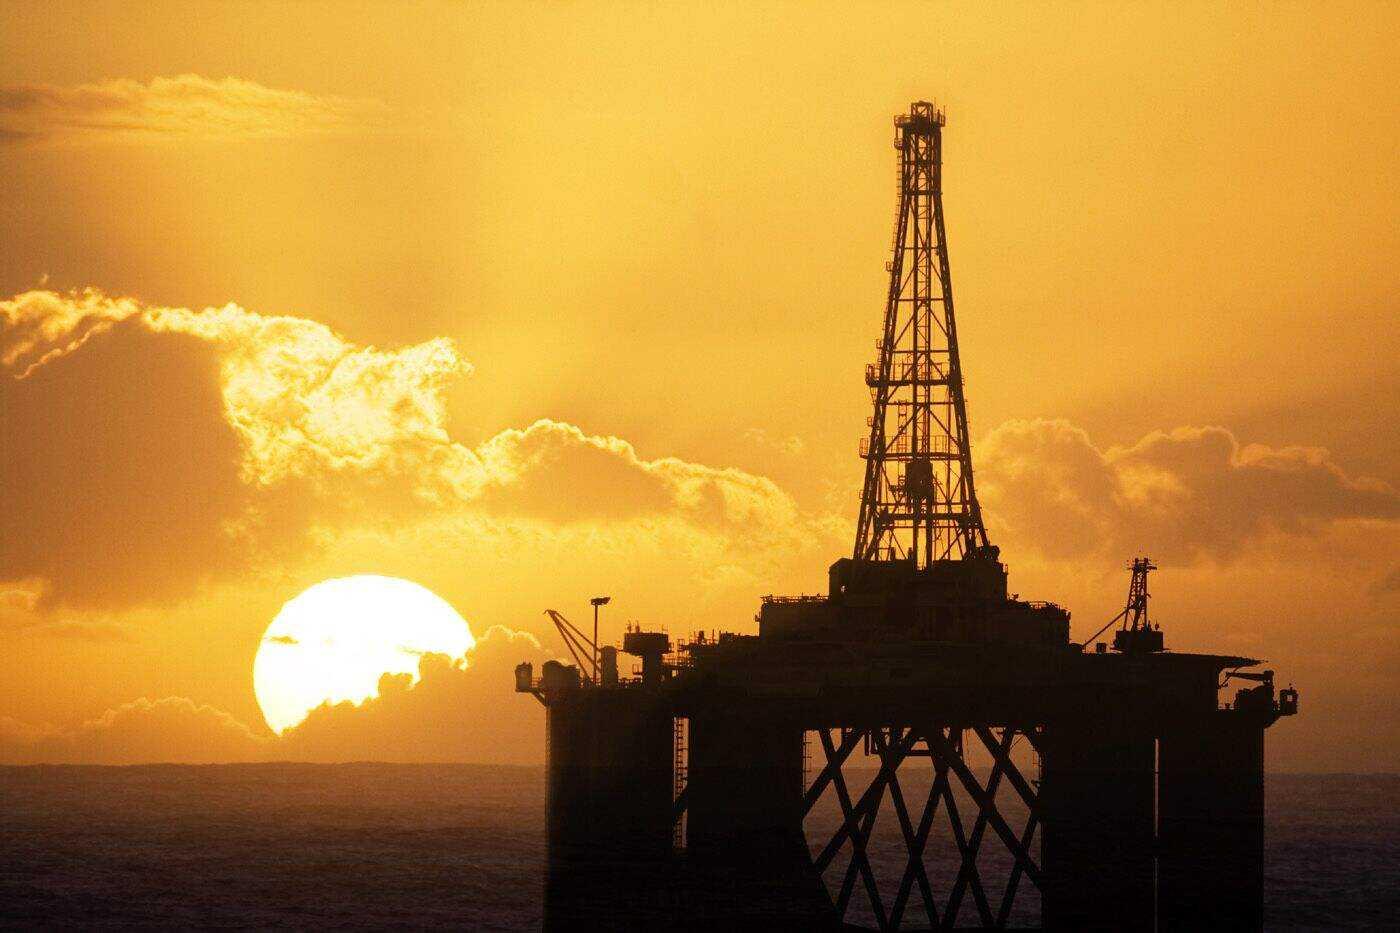 国际油价延续跌势 聚焦降低原油库存